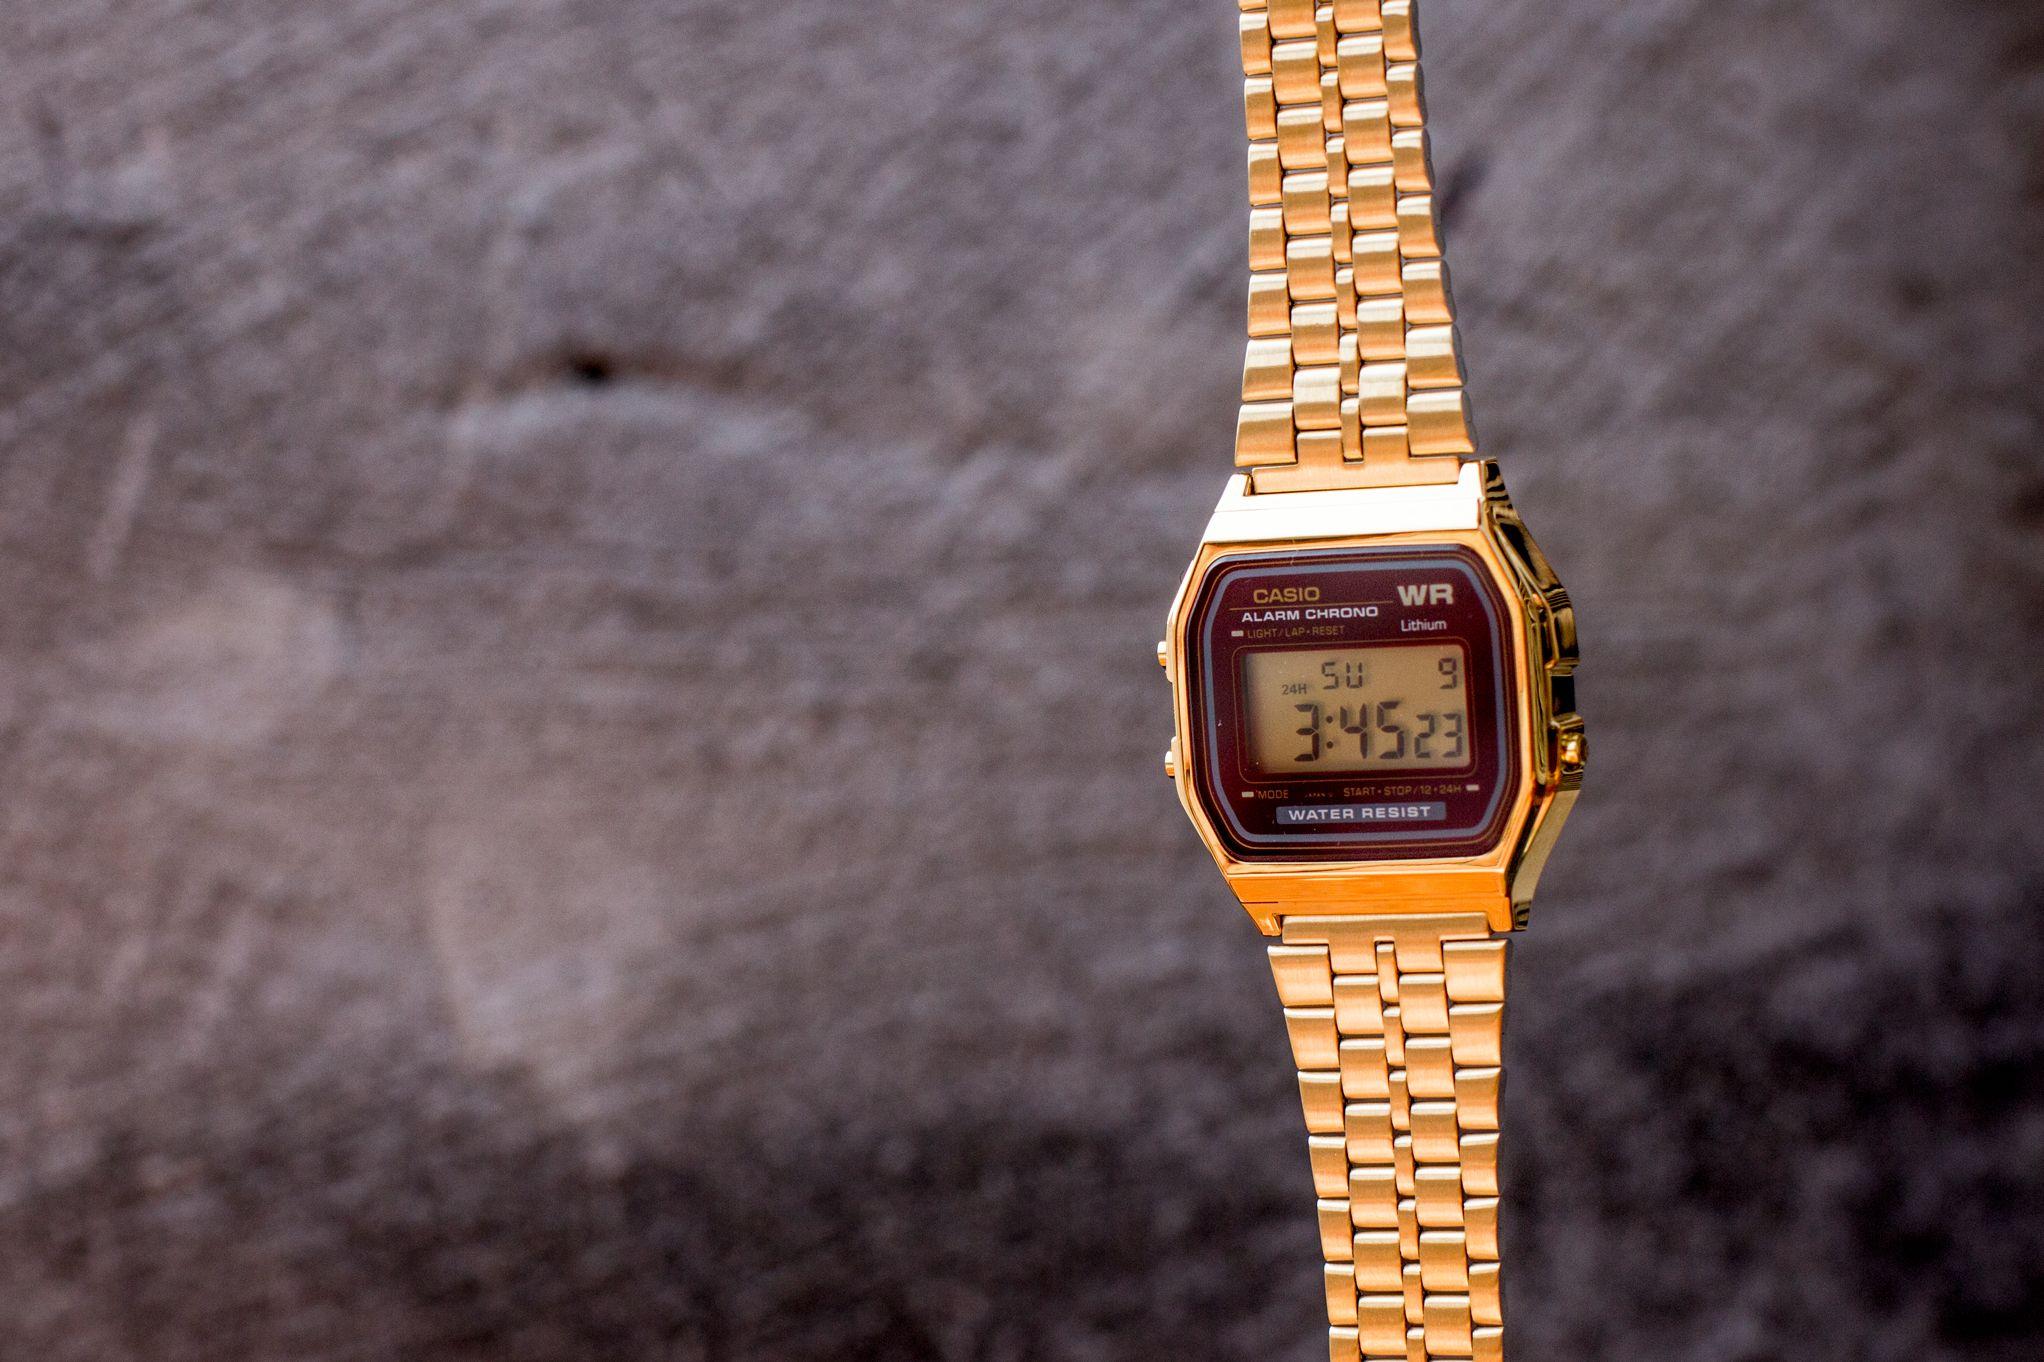 501f112e3 Casio koupíte na 2355.cz   CASIO digital watches • Digitálky CASIO ...